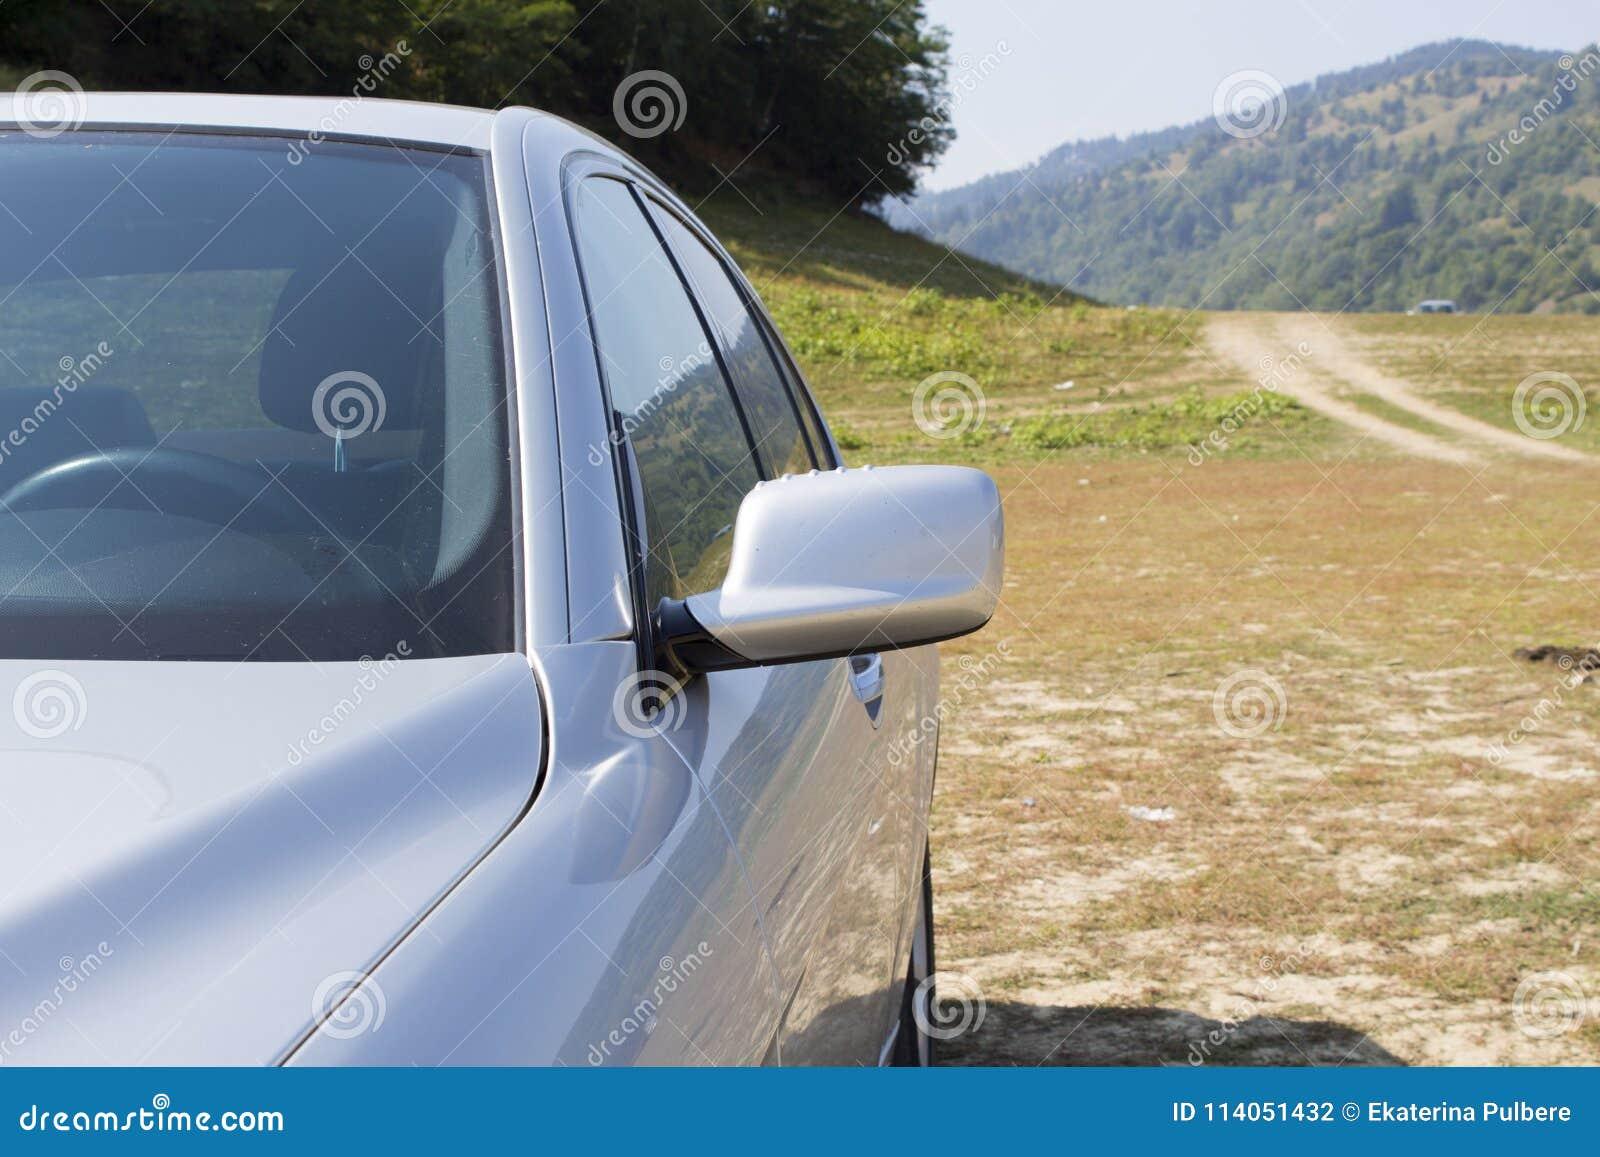 Pieza izquierda del coche de deportes moderno de plata